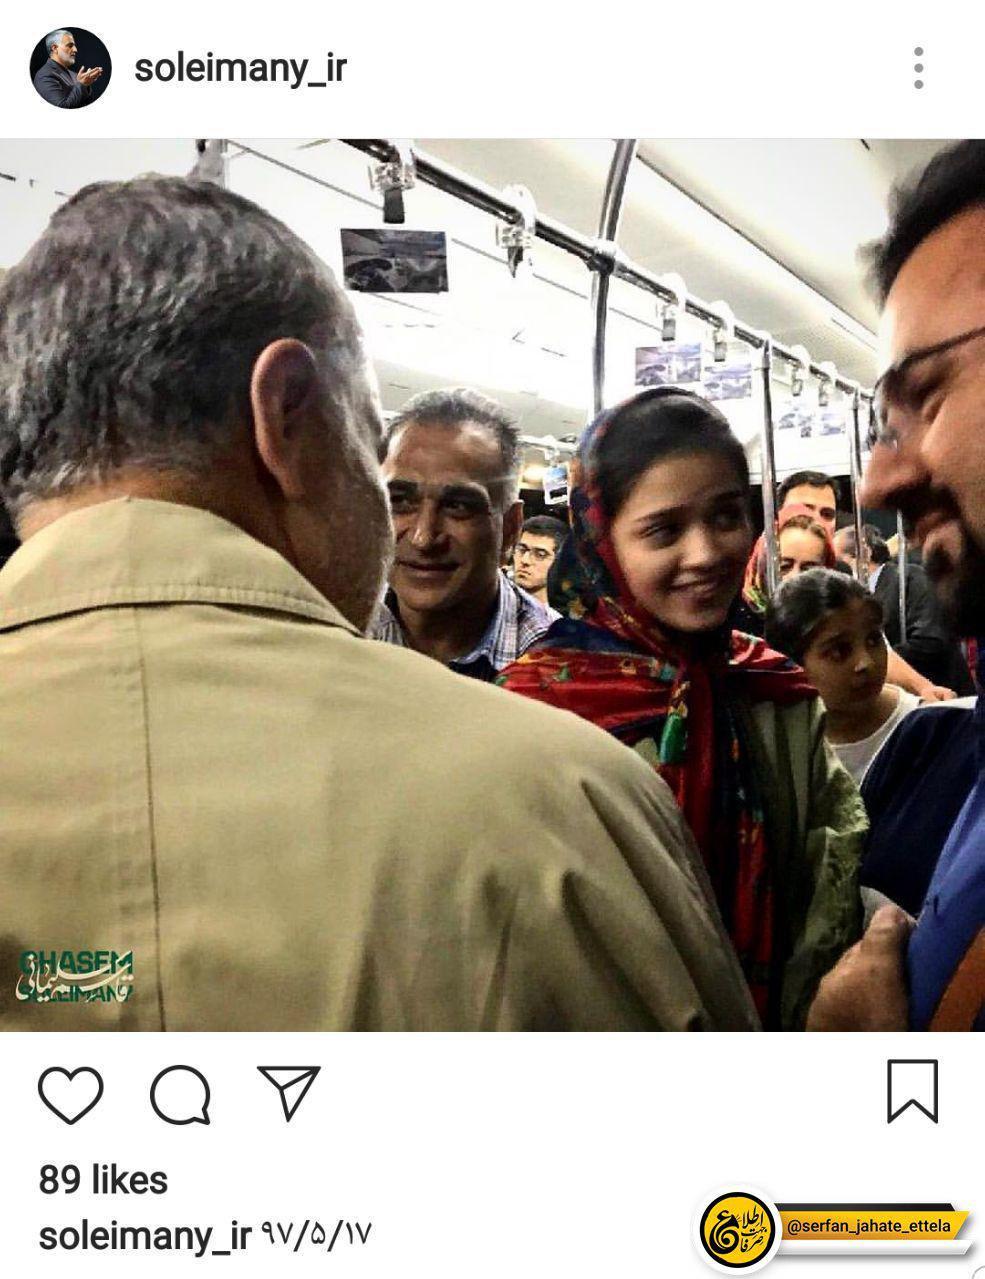 سردار سلیمانی تصویر اخیر ایشان در اتوبوس عمومی فرودگاه در حال گفتگو با مردم